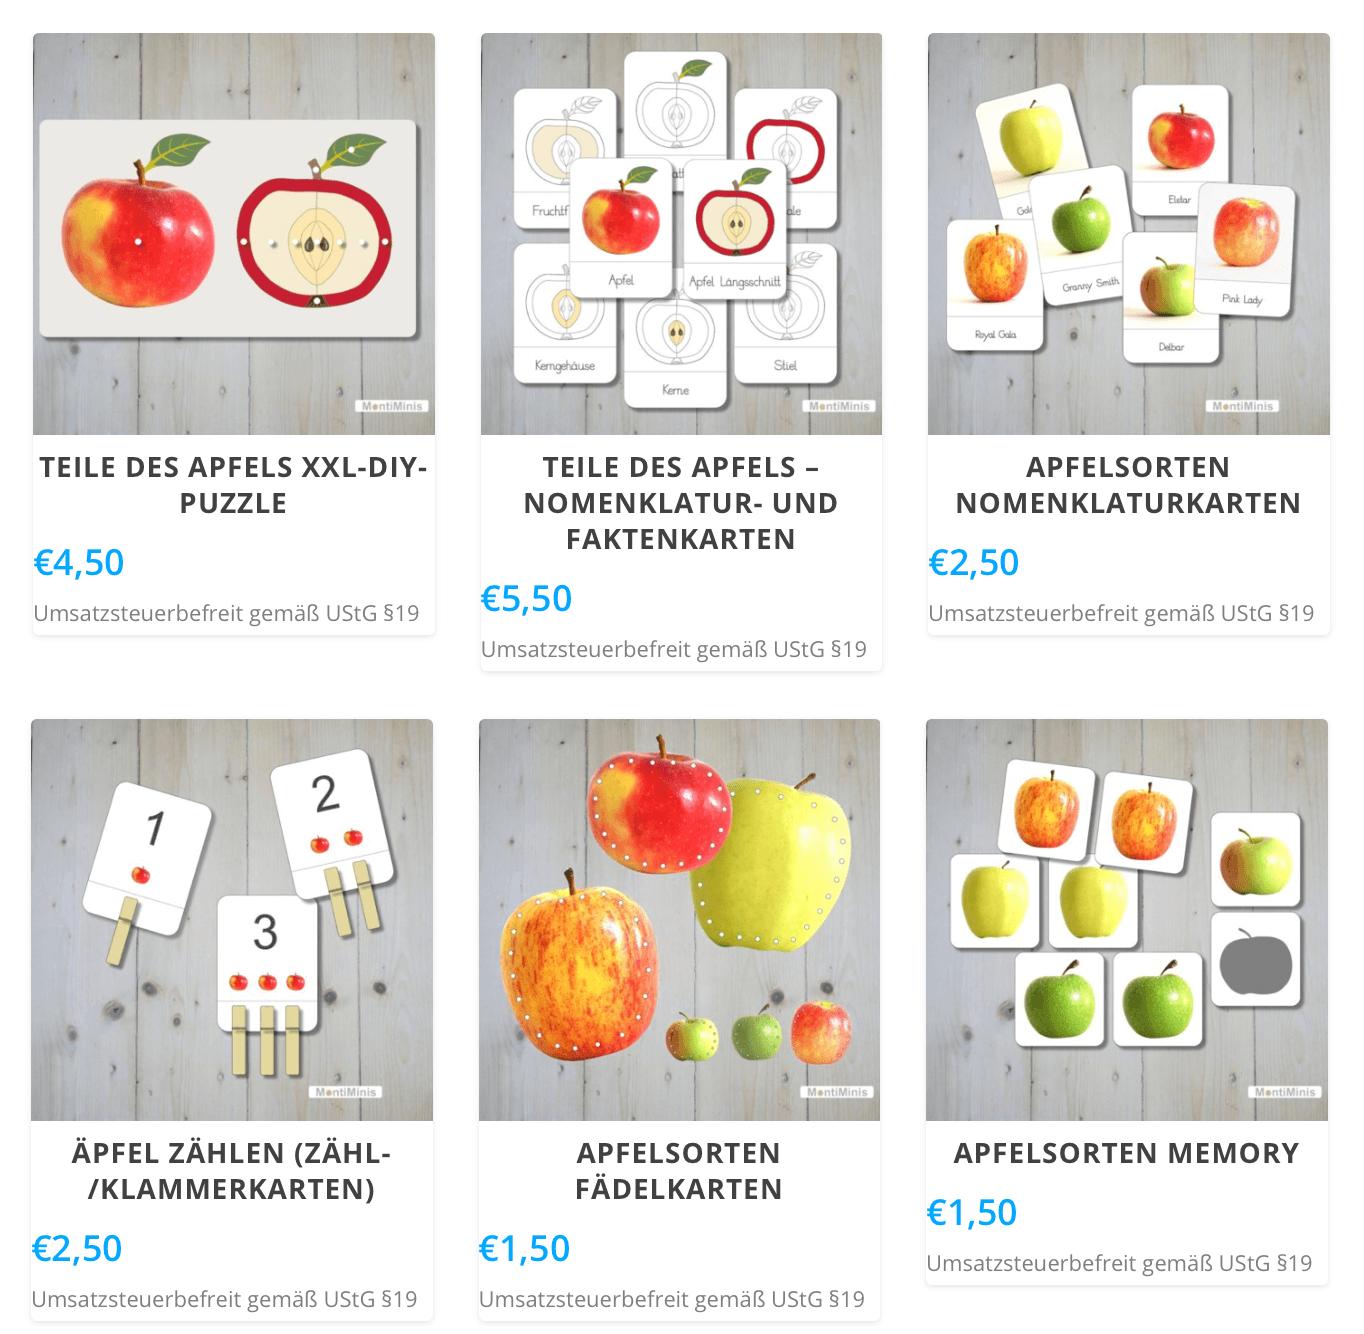 Apfel-Druckvorlagen-Montessori Zuhause-Spielidee-Apfel Themenwoche-Herbst mit Kindern-Apfelzeit-Unterrichtsmaterial-Kindergartenideen-MontiMinis